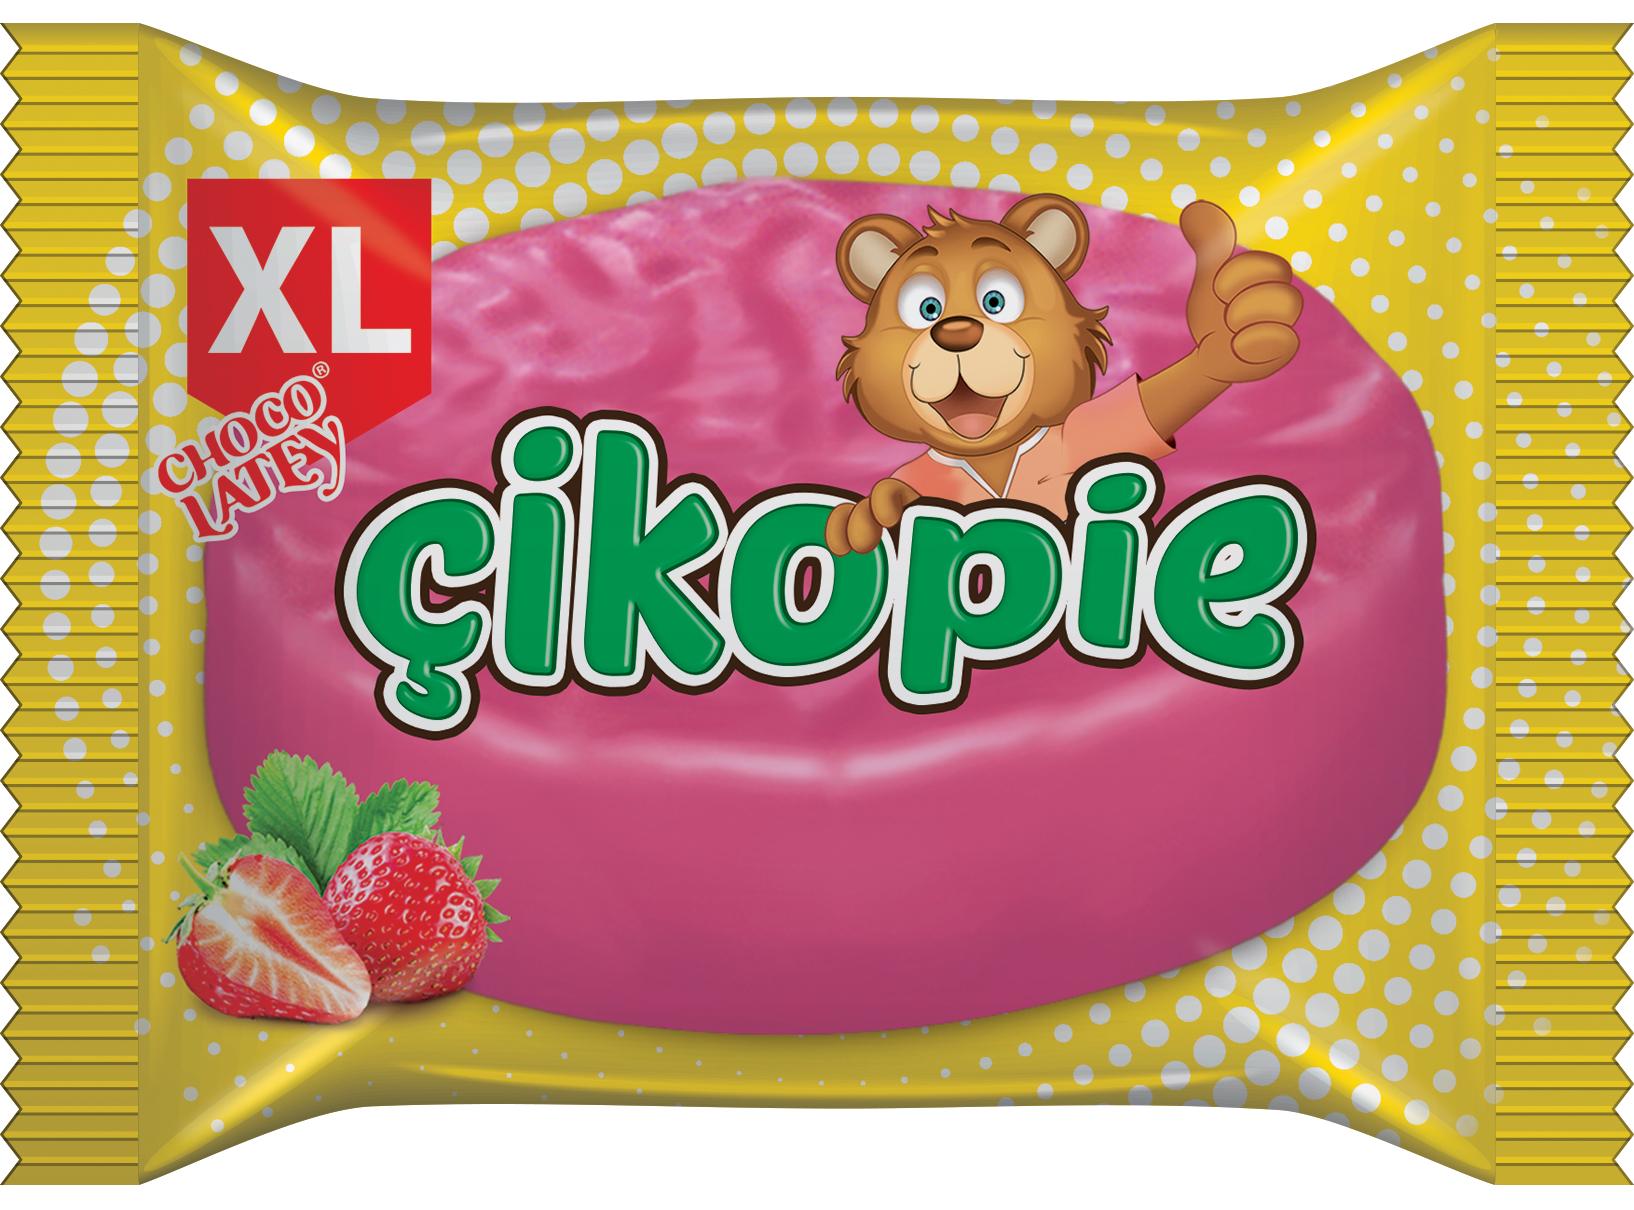 Çikopie XL